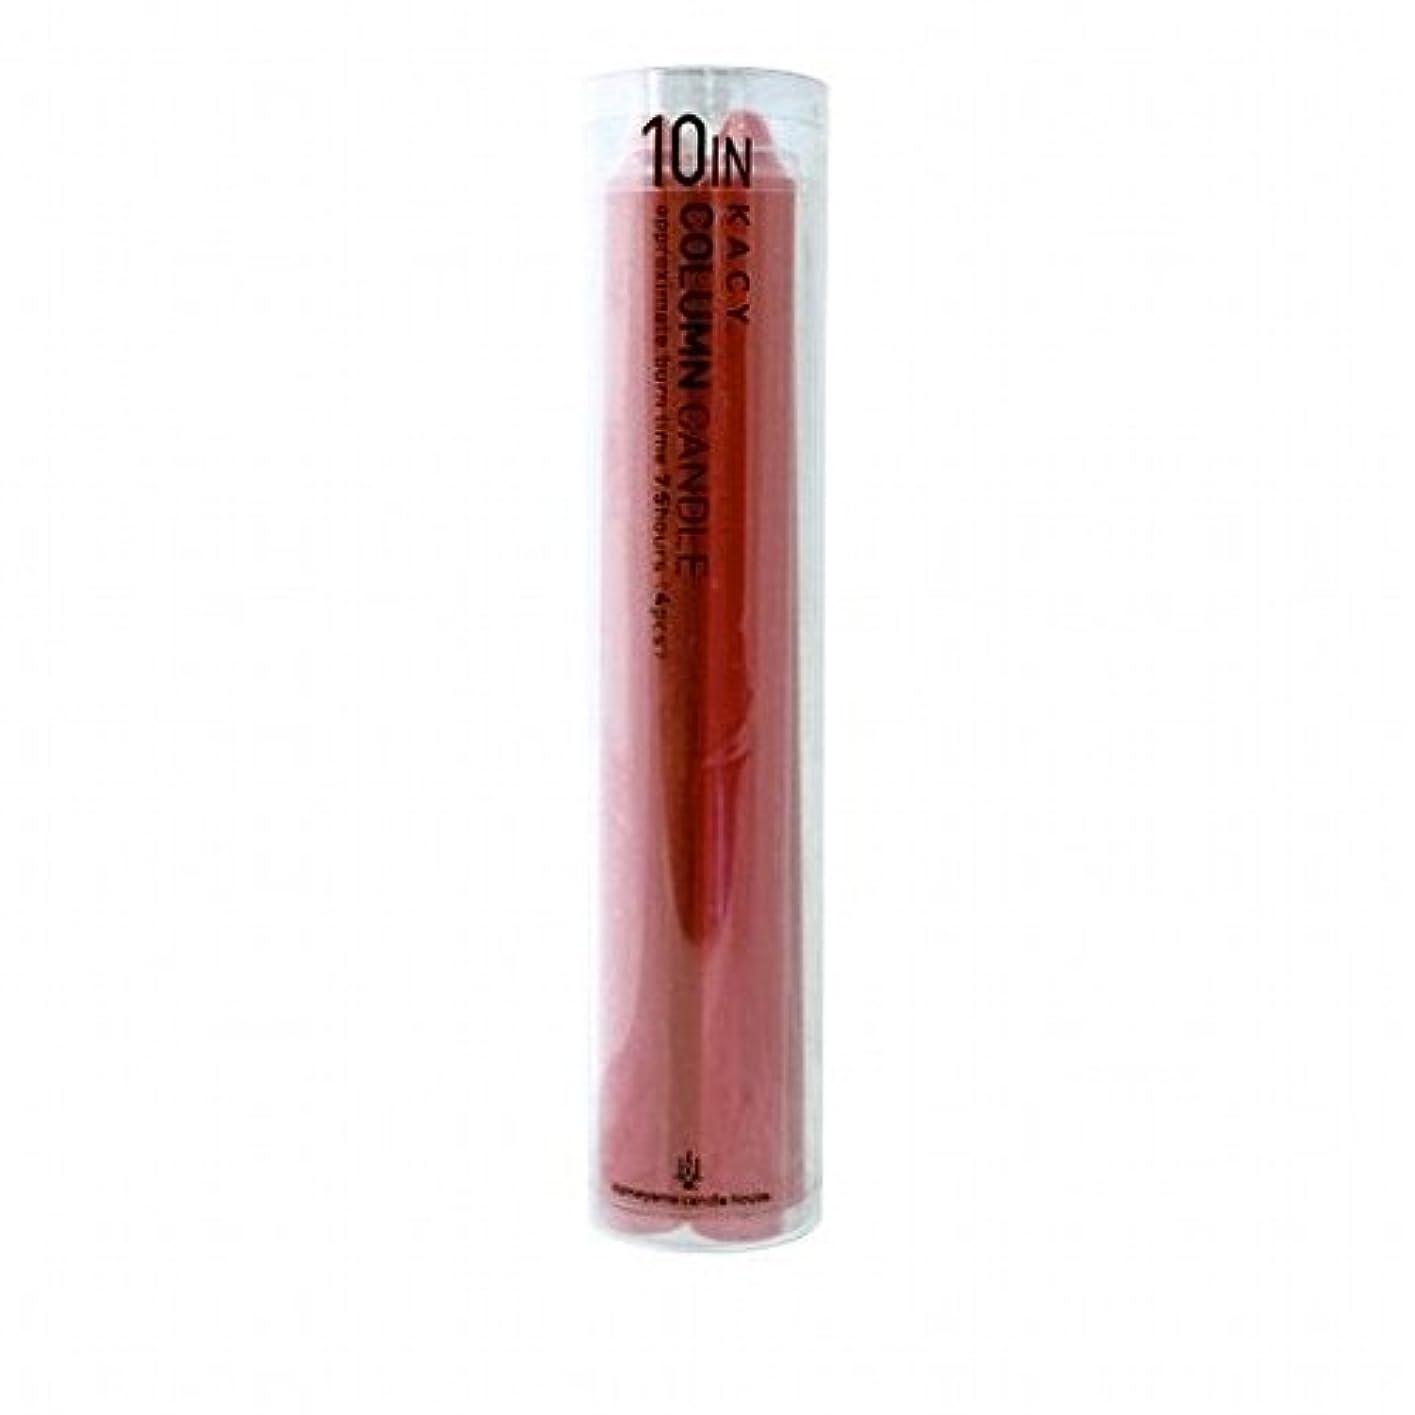 パーティーサスペンションショッキングkameyama candle(カメヤマキャンドル) 10インチコラムキャンドル4本入り 「 レッド 」(A9123100R)